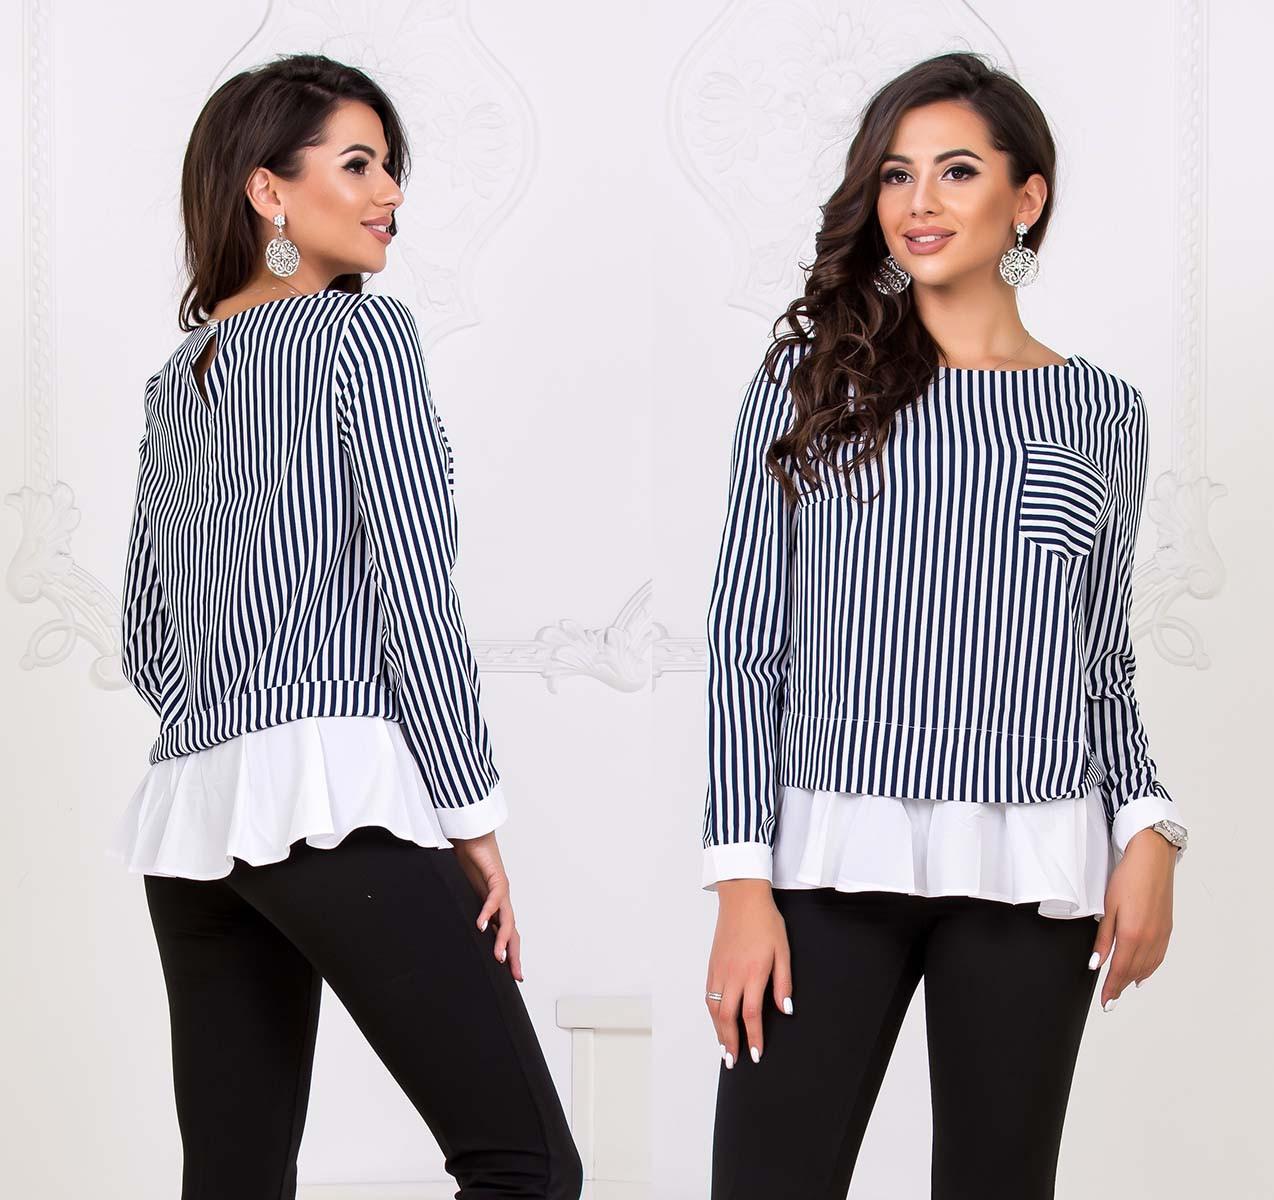 """Женская стильная блузка-туника до больших размеров 41115 """"Софт Полоска Оборка Контраст"""" в расцветках"""